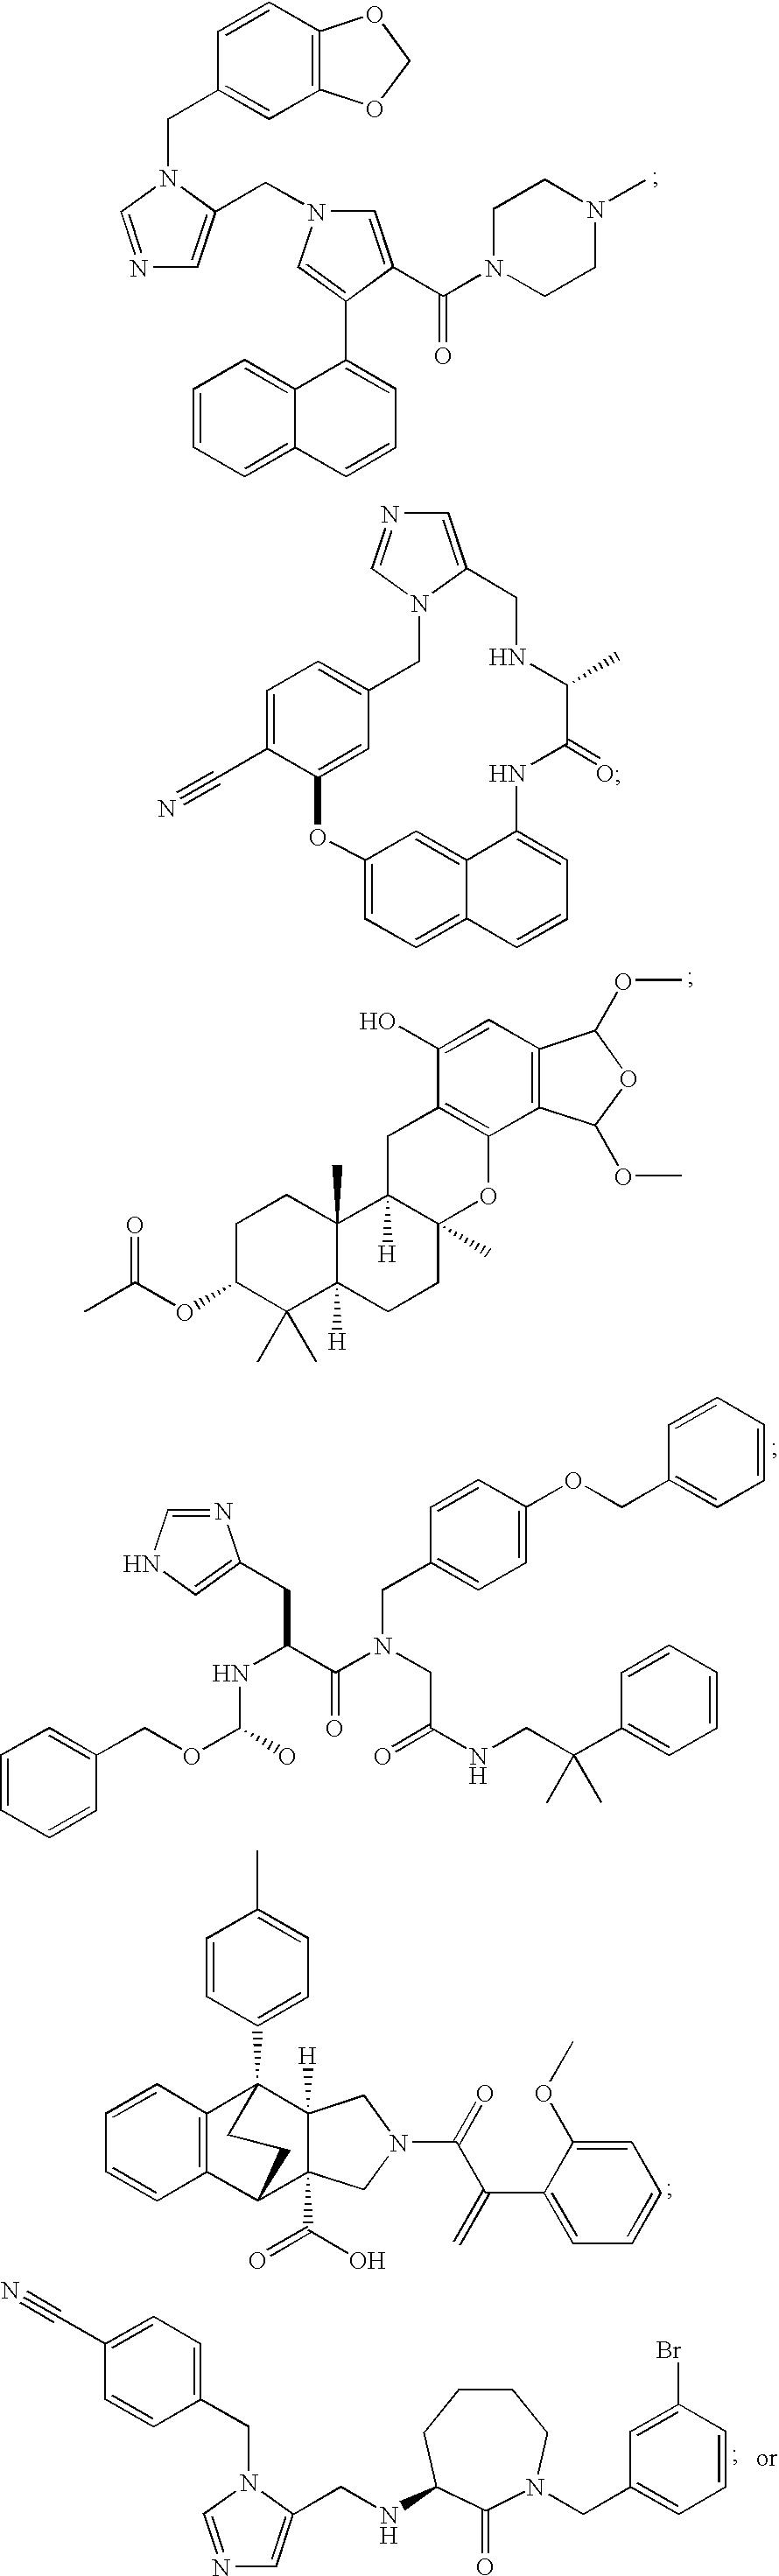 Figure US20080090242A1-20080417-C00012